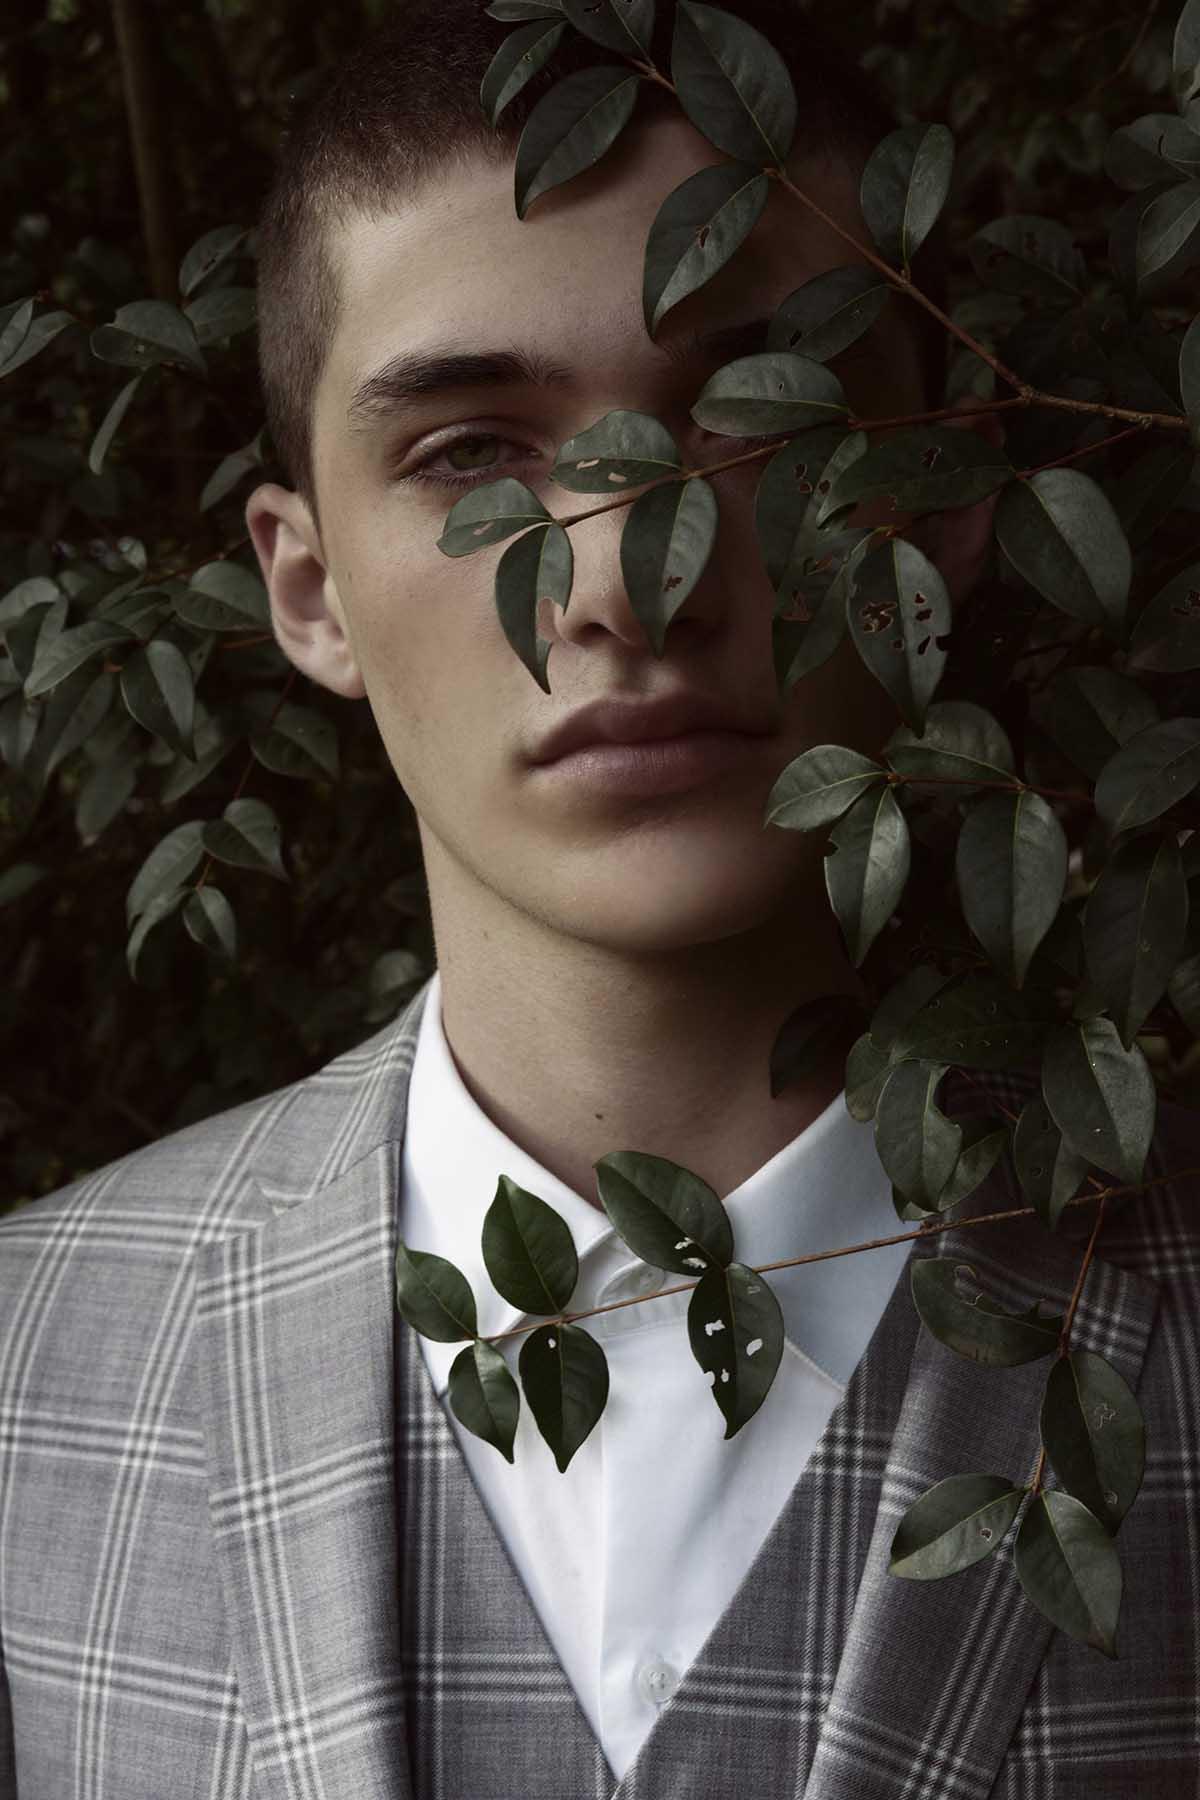 Matias Dombrowki and Paulo Voigt by Rodrigo Marconatto for Brazilian Male Model